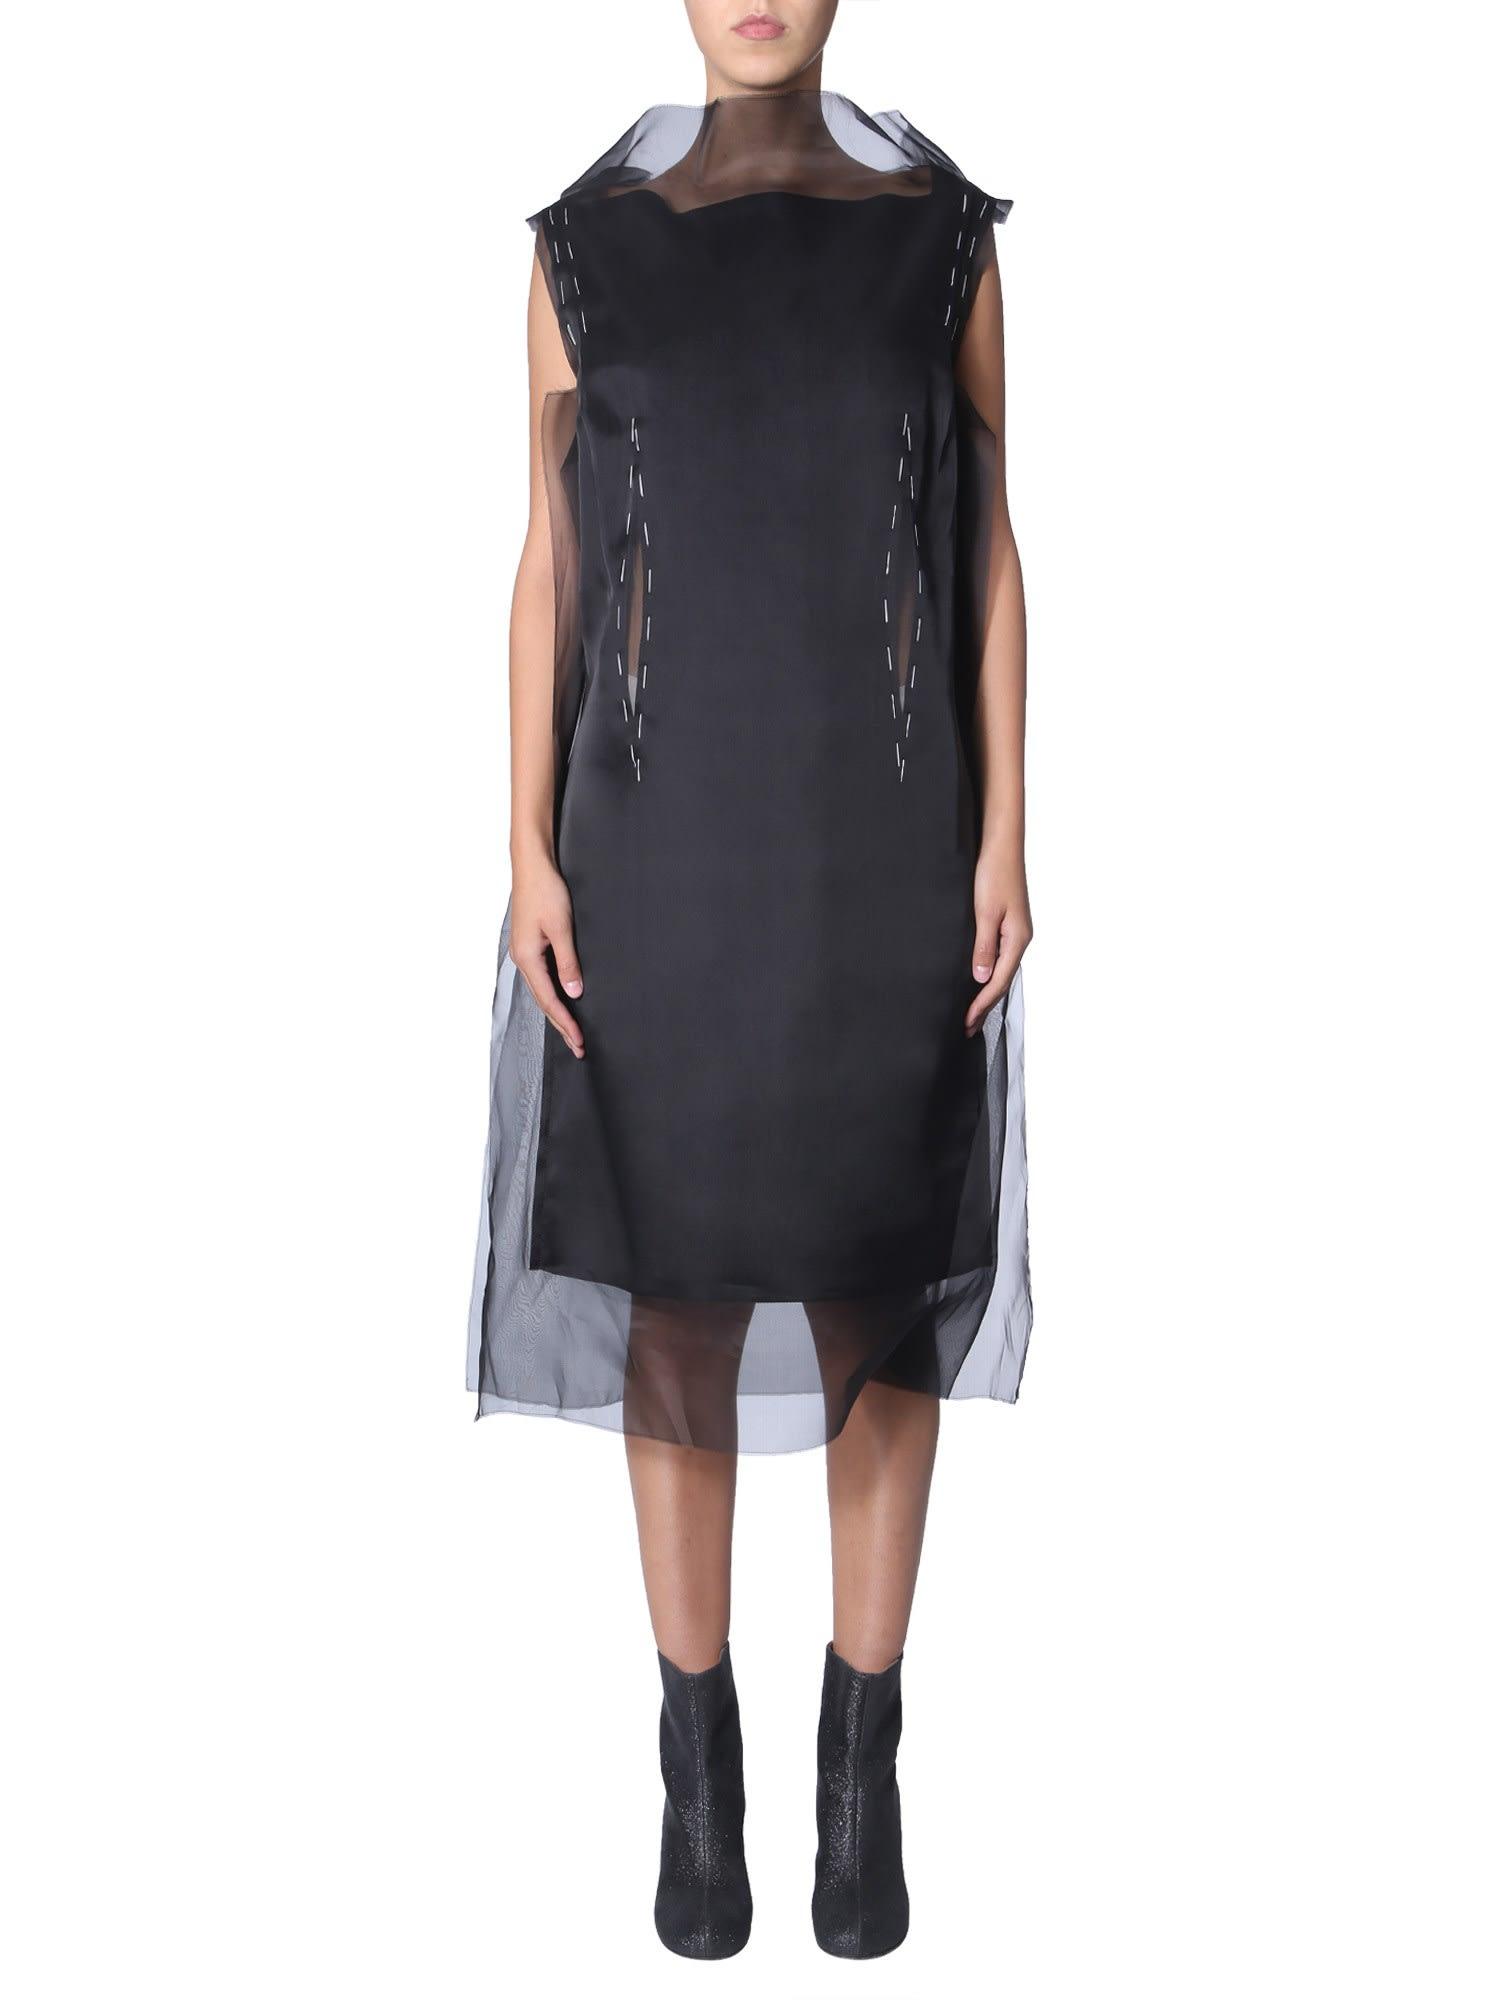 Maison Margiela Sleeveless Dress